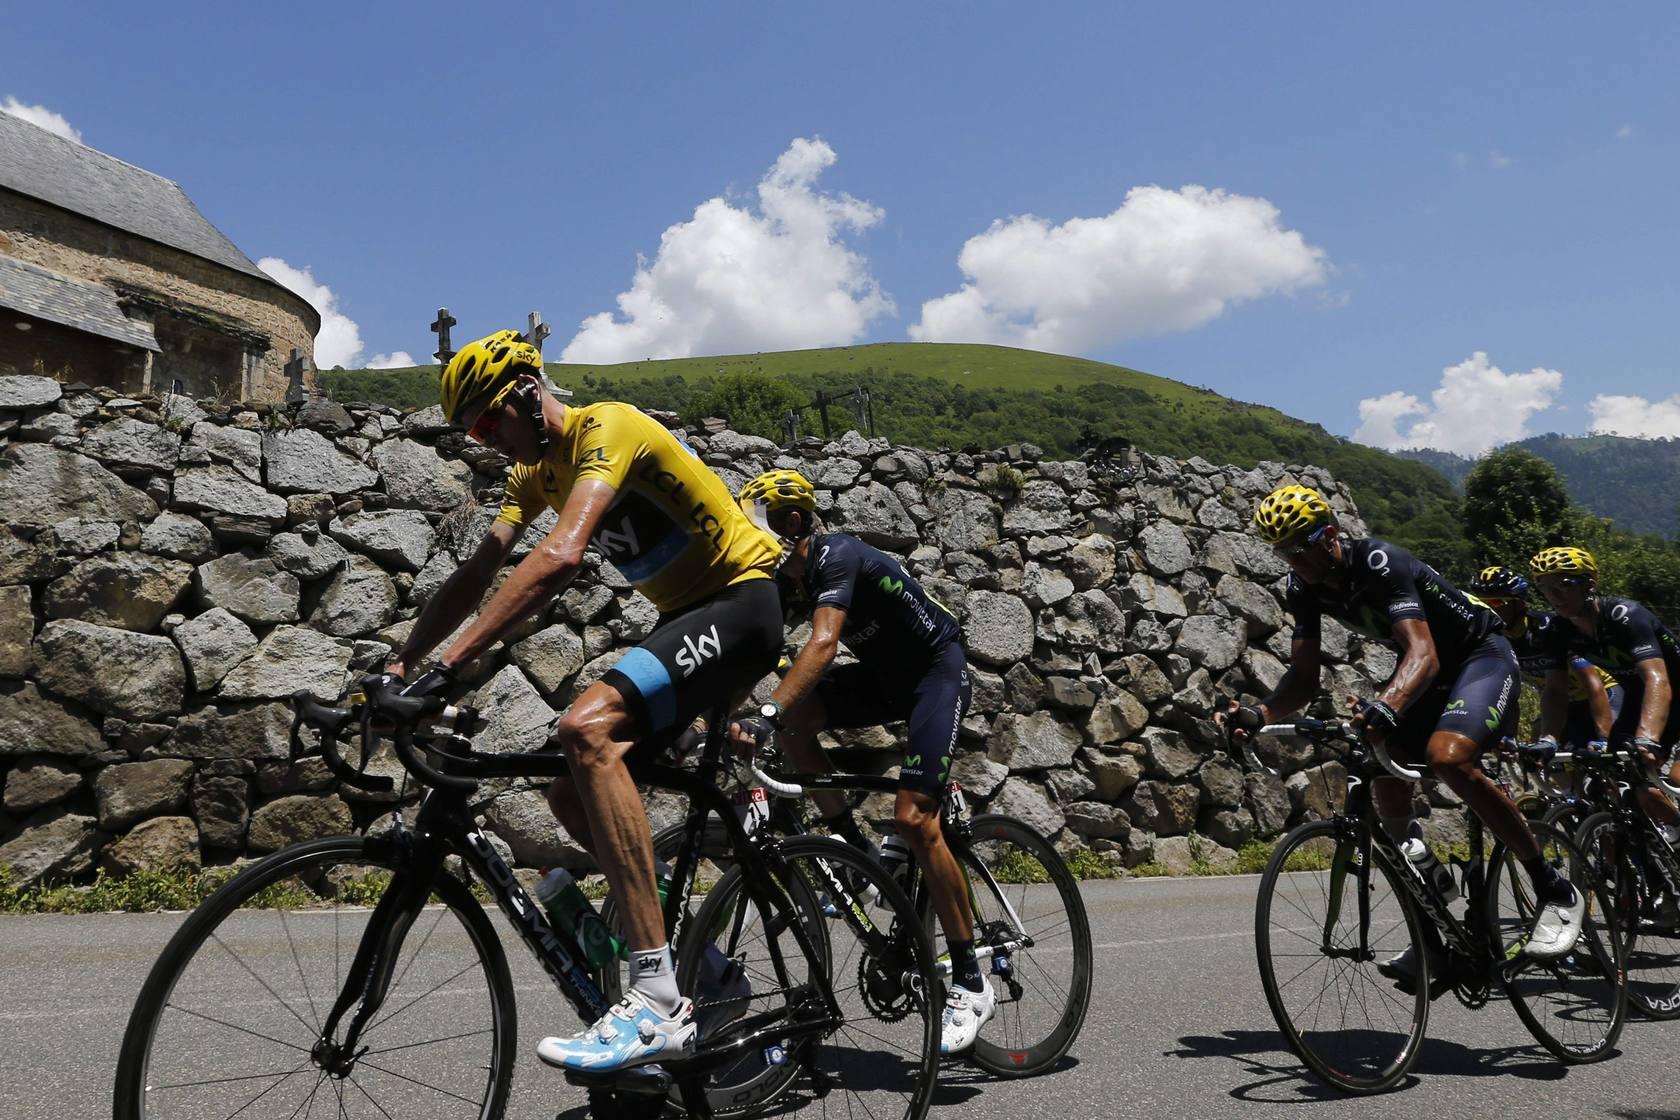 El irlandés Martin gana 9ª etapa del Tour , Froome sigue líder